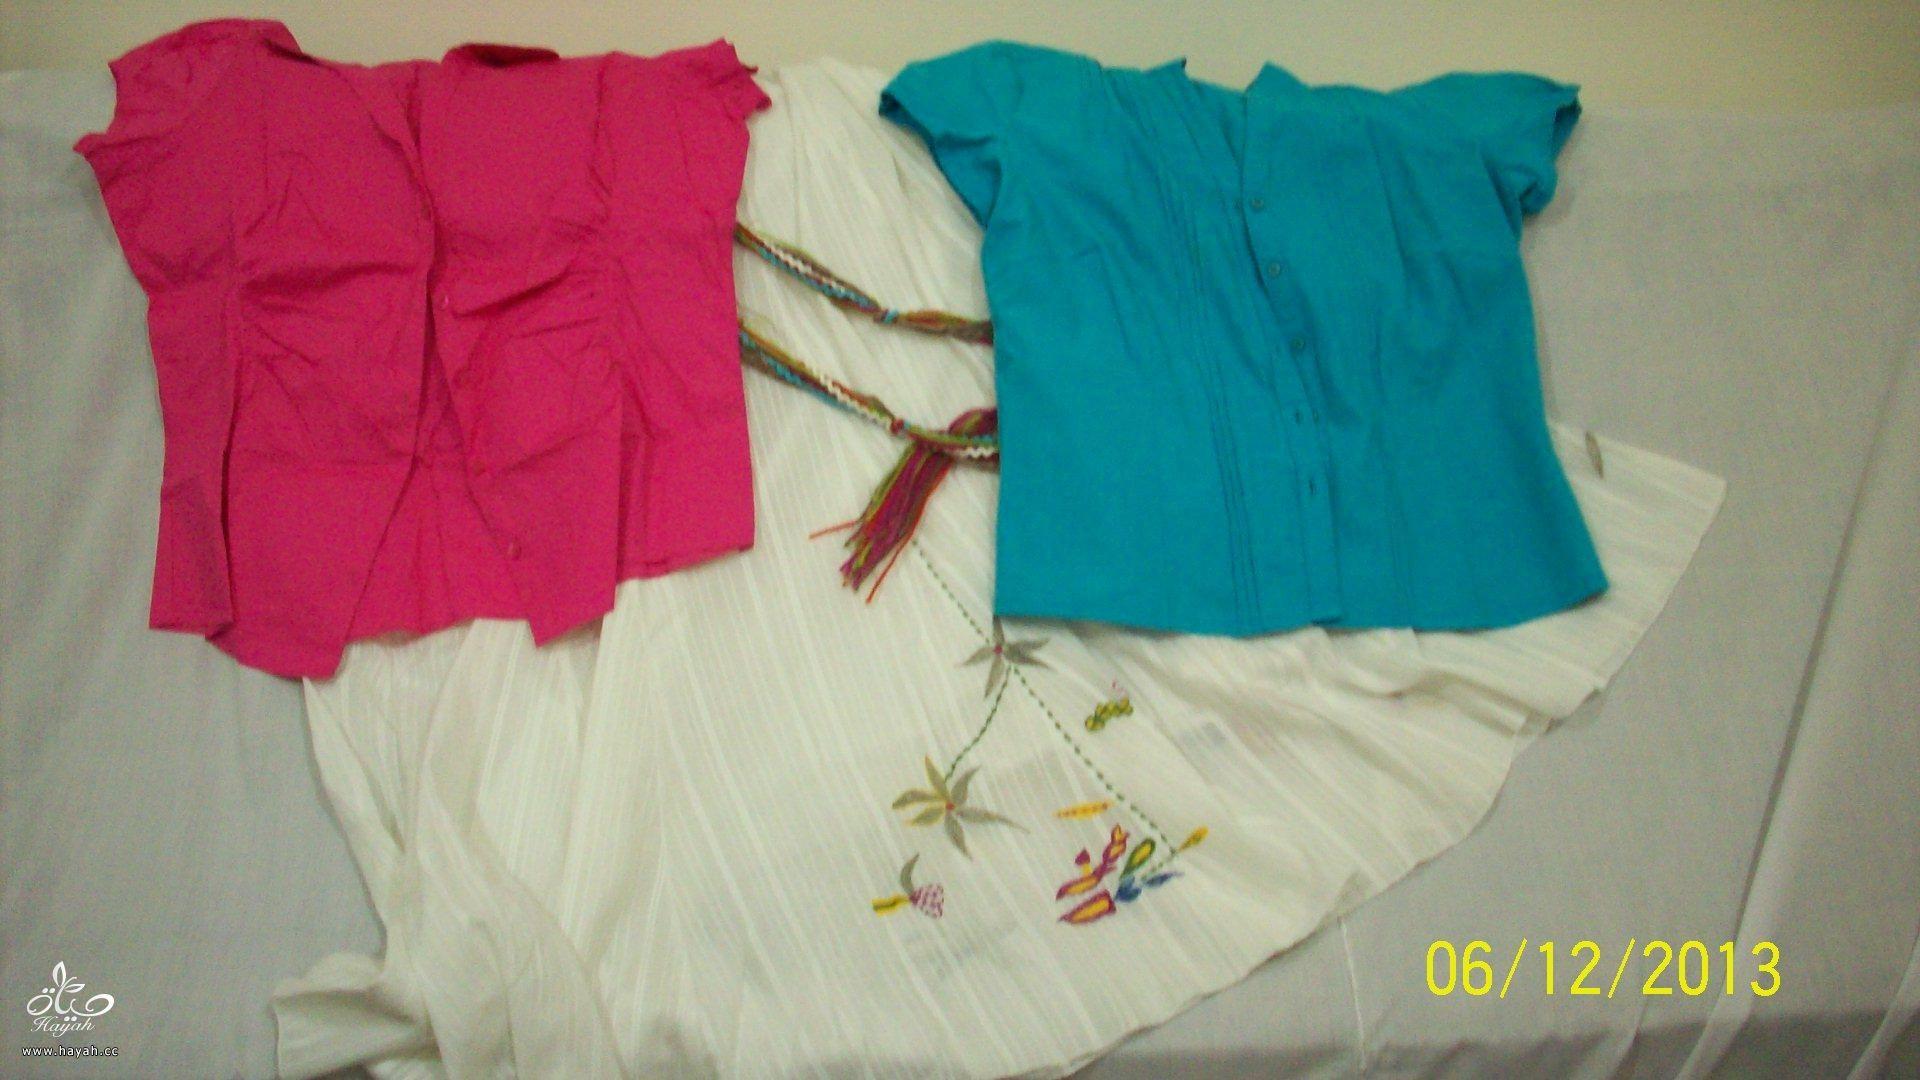 ملابسي - ملابس جديدة للبيع hayahcc_1389921711_226.jpg